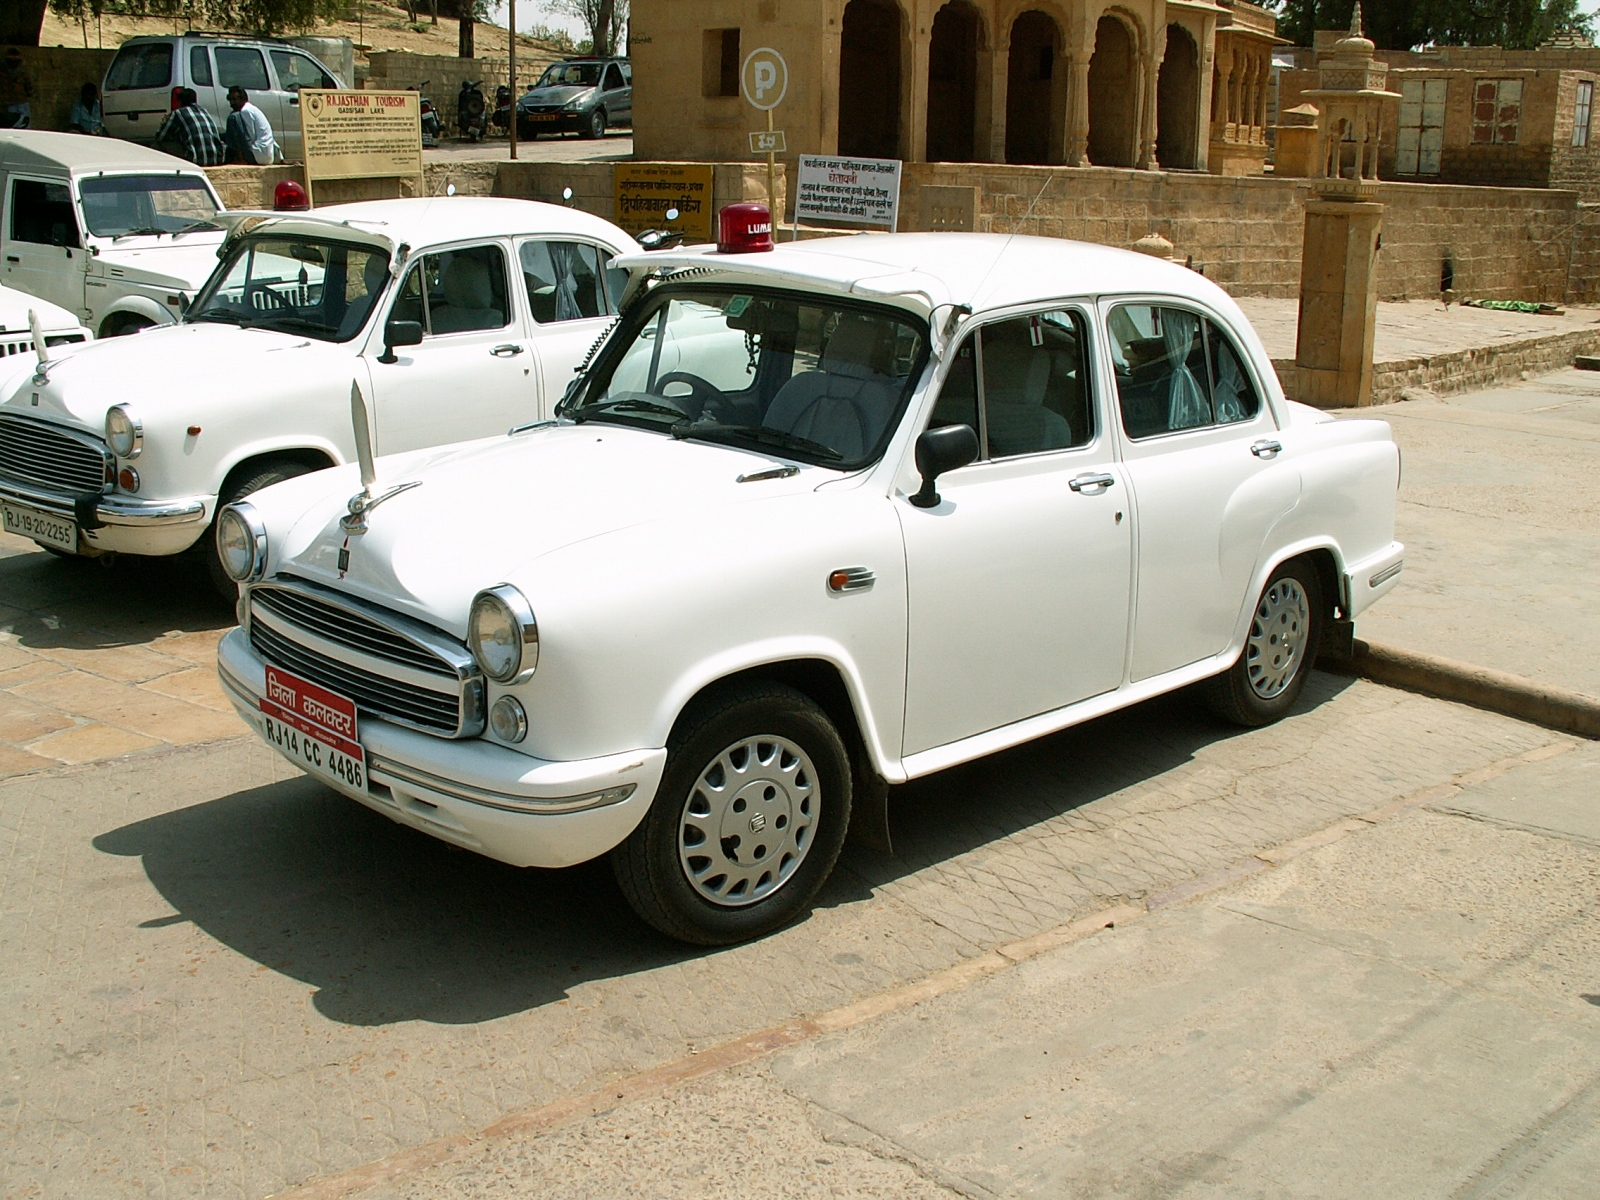 Indian Ambassador Car Uk